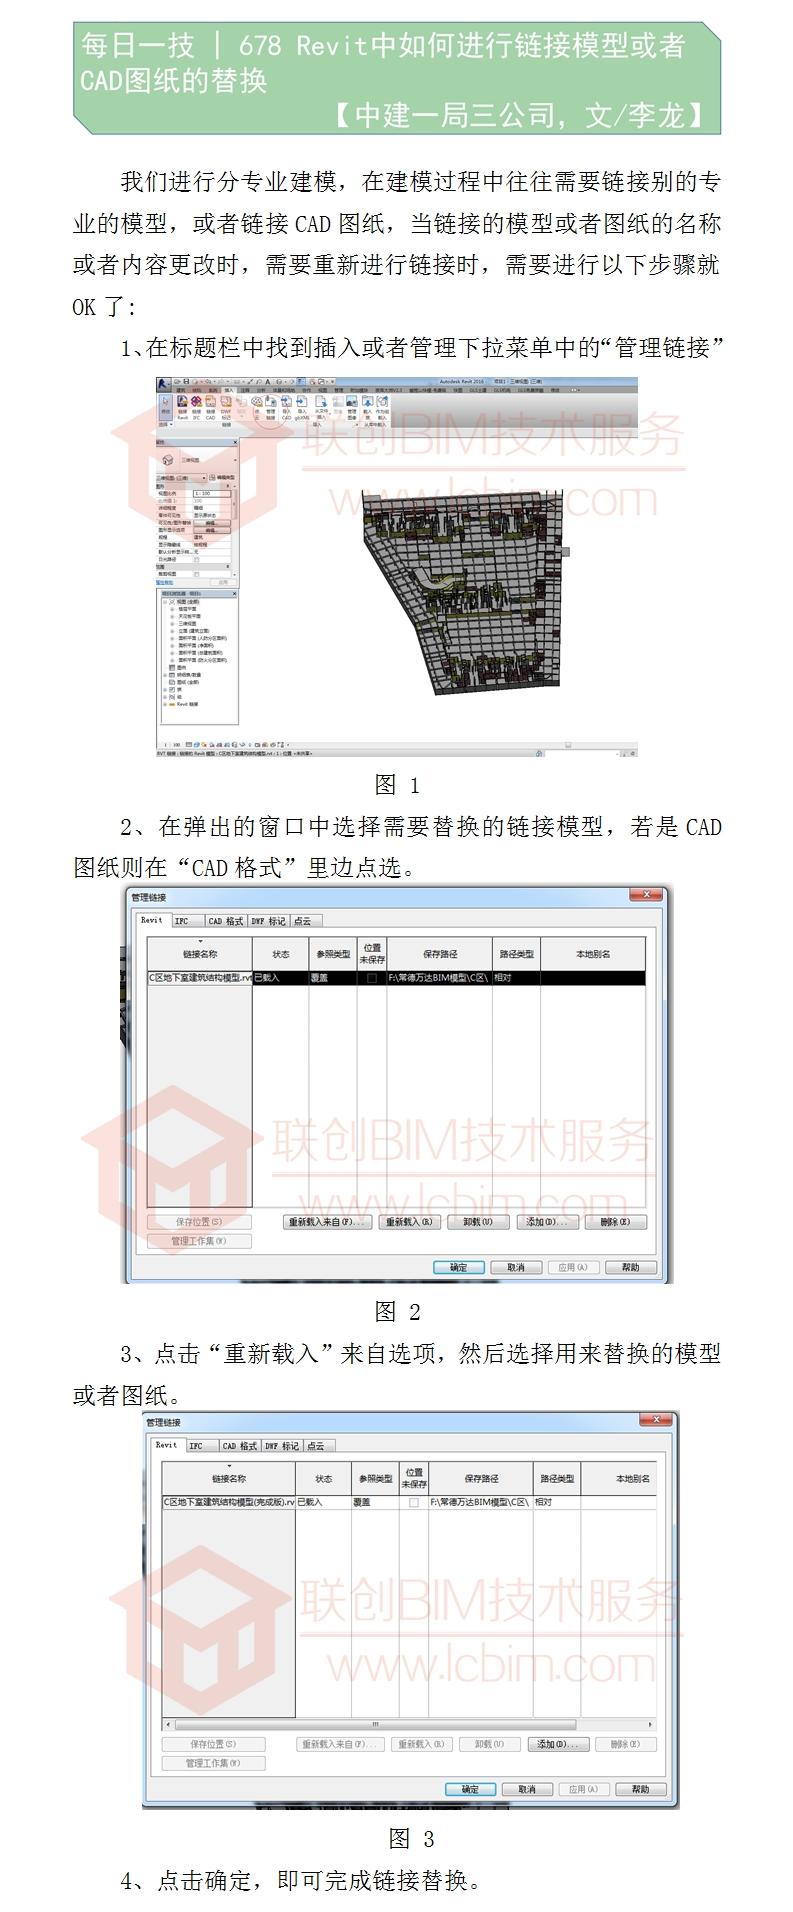 678 Revit中如何进行链接模型或者CAD图纸的替换.jpg